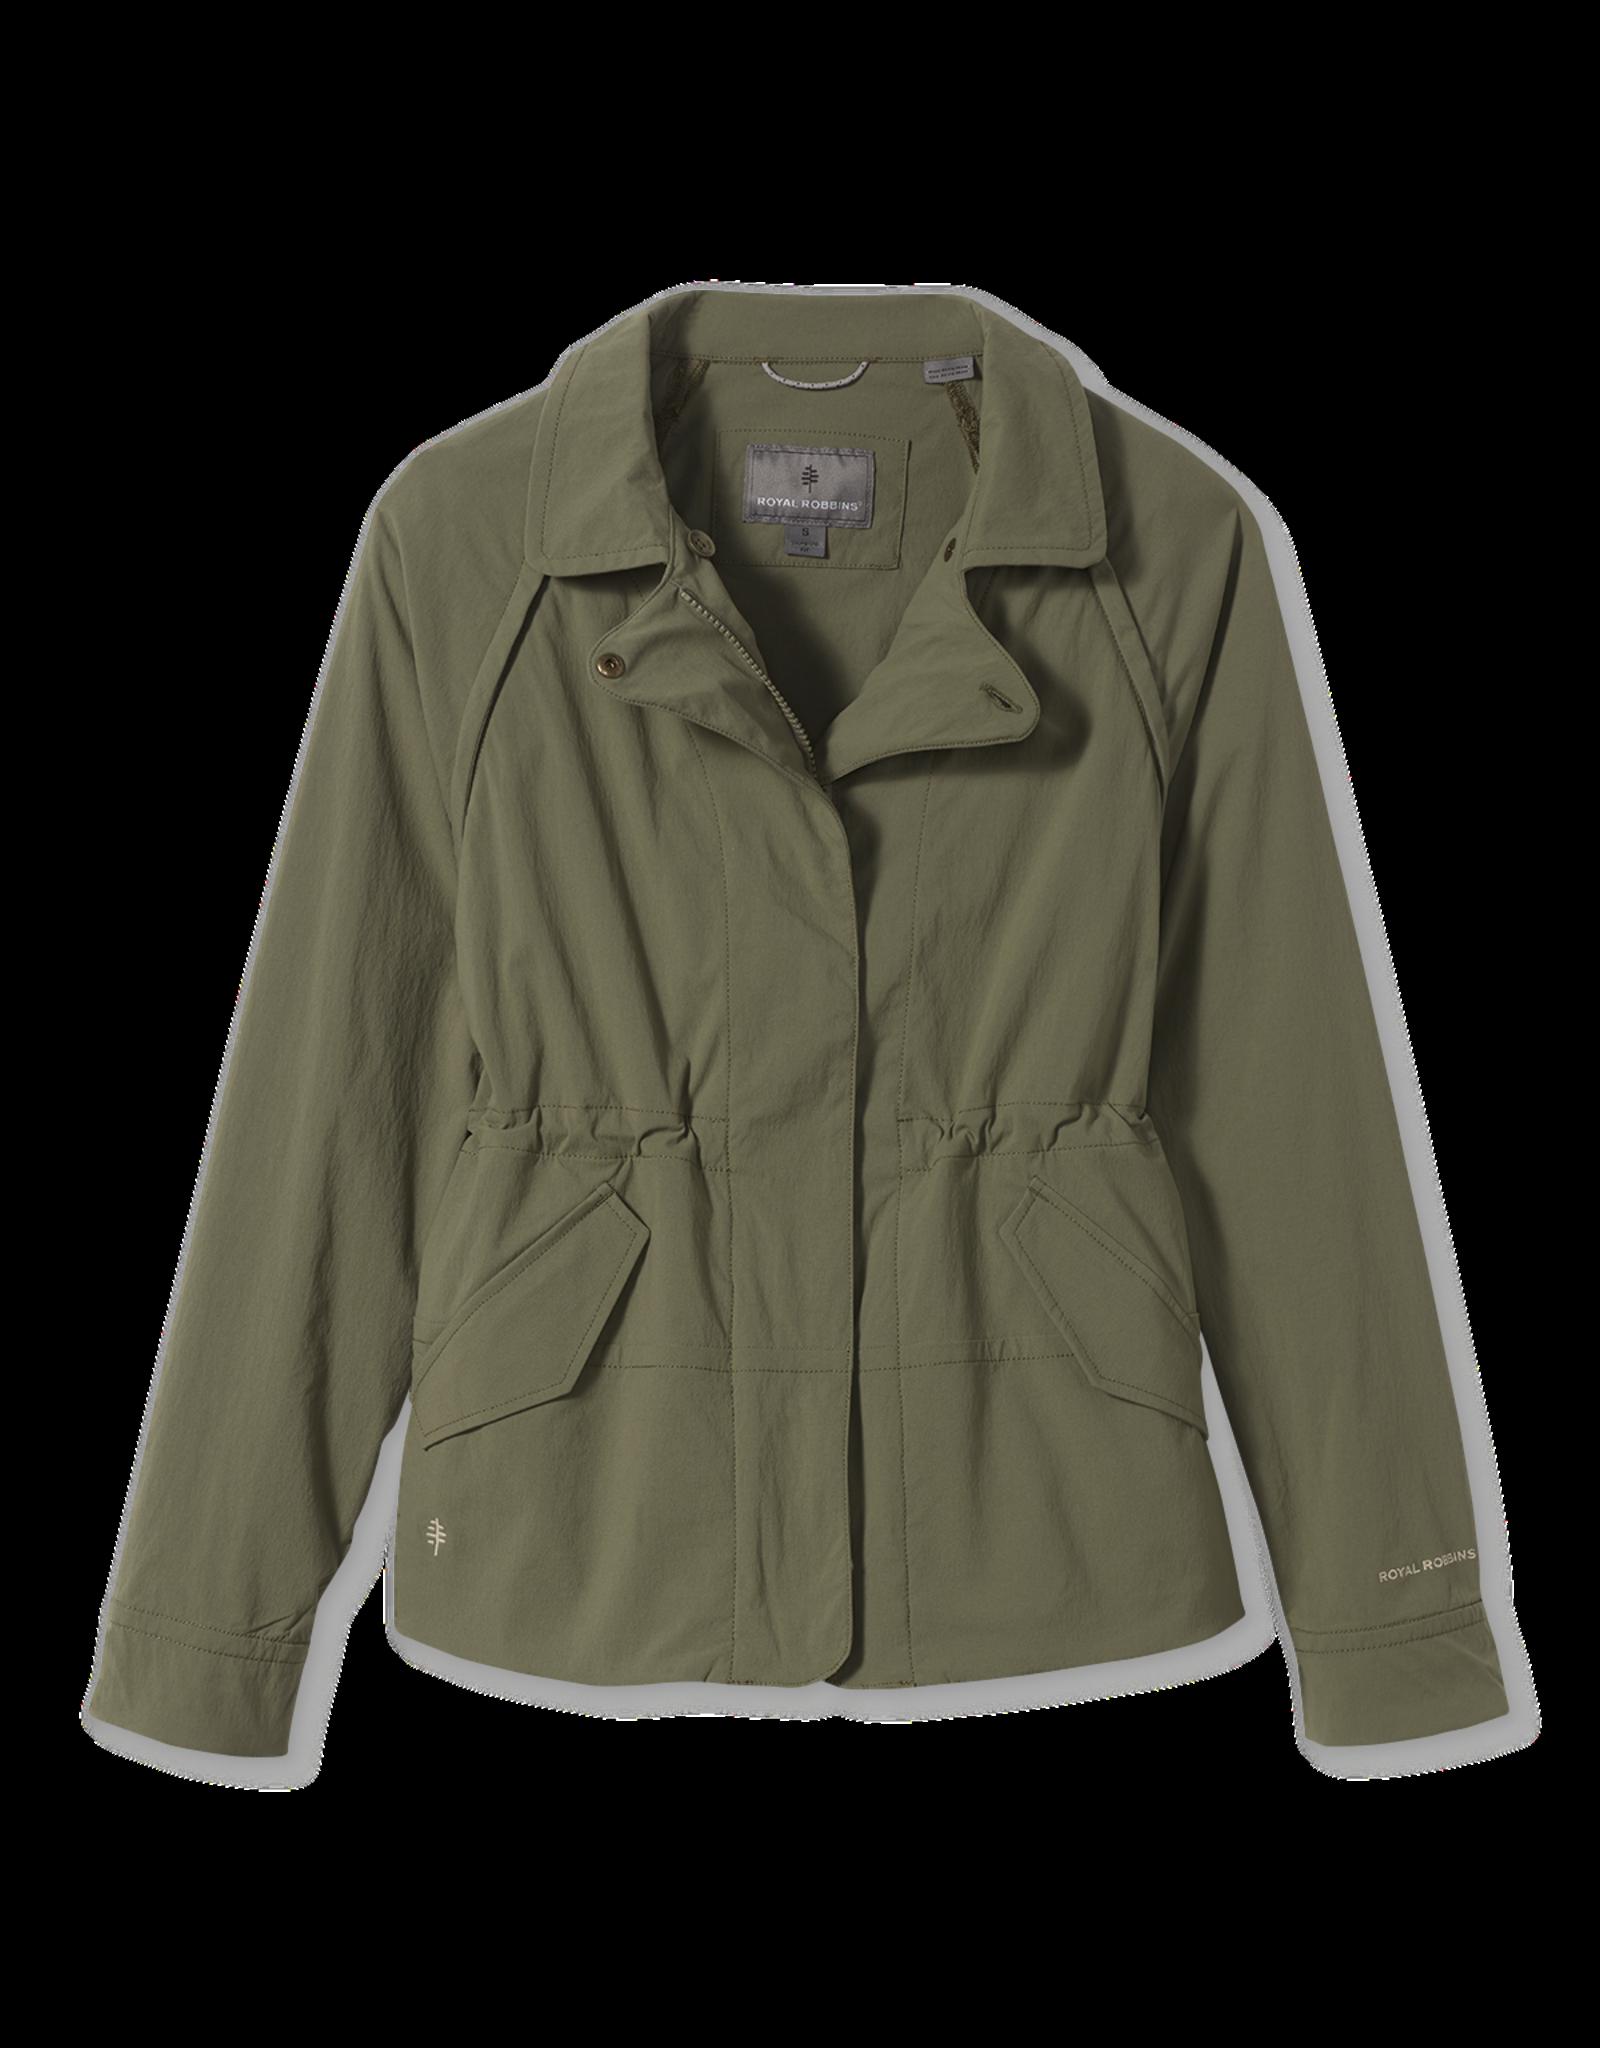 Royal Robbins Discovery Convertible Jacket II